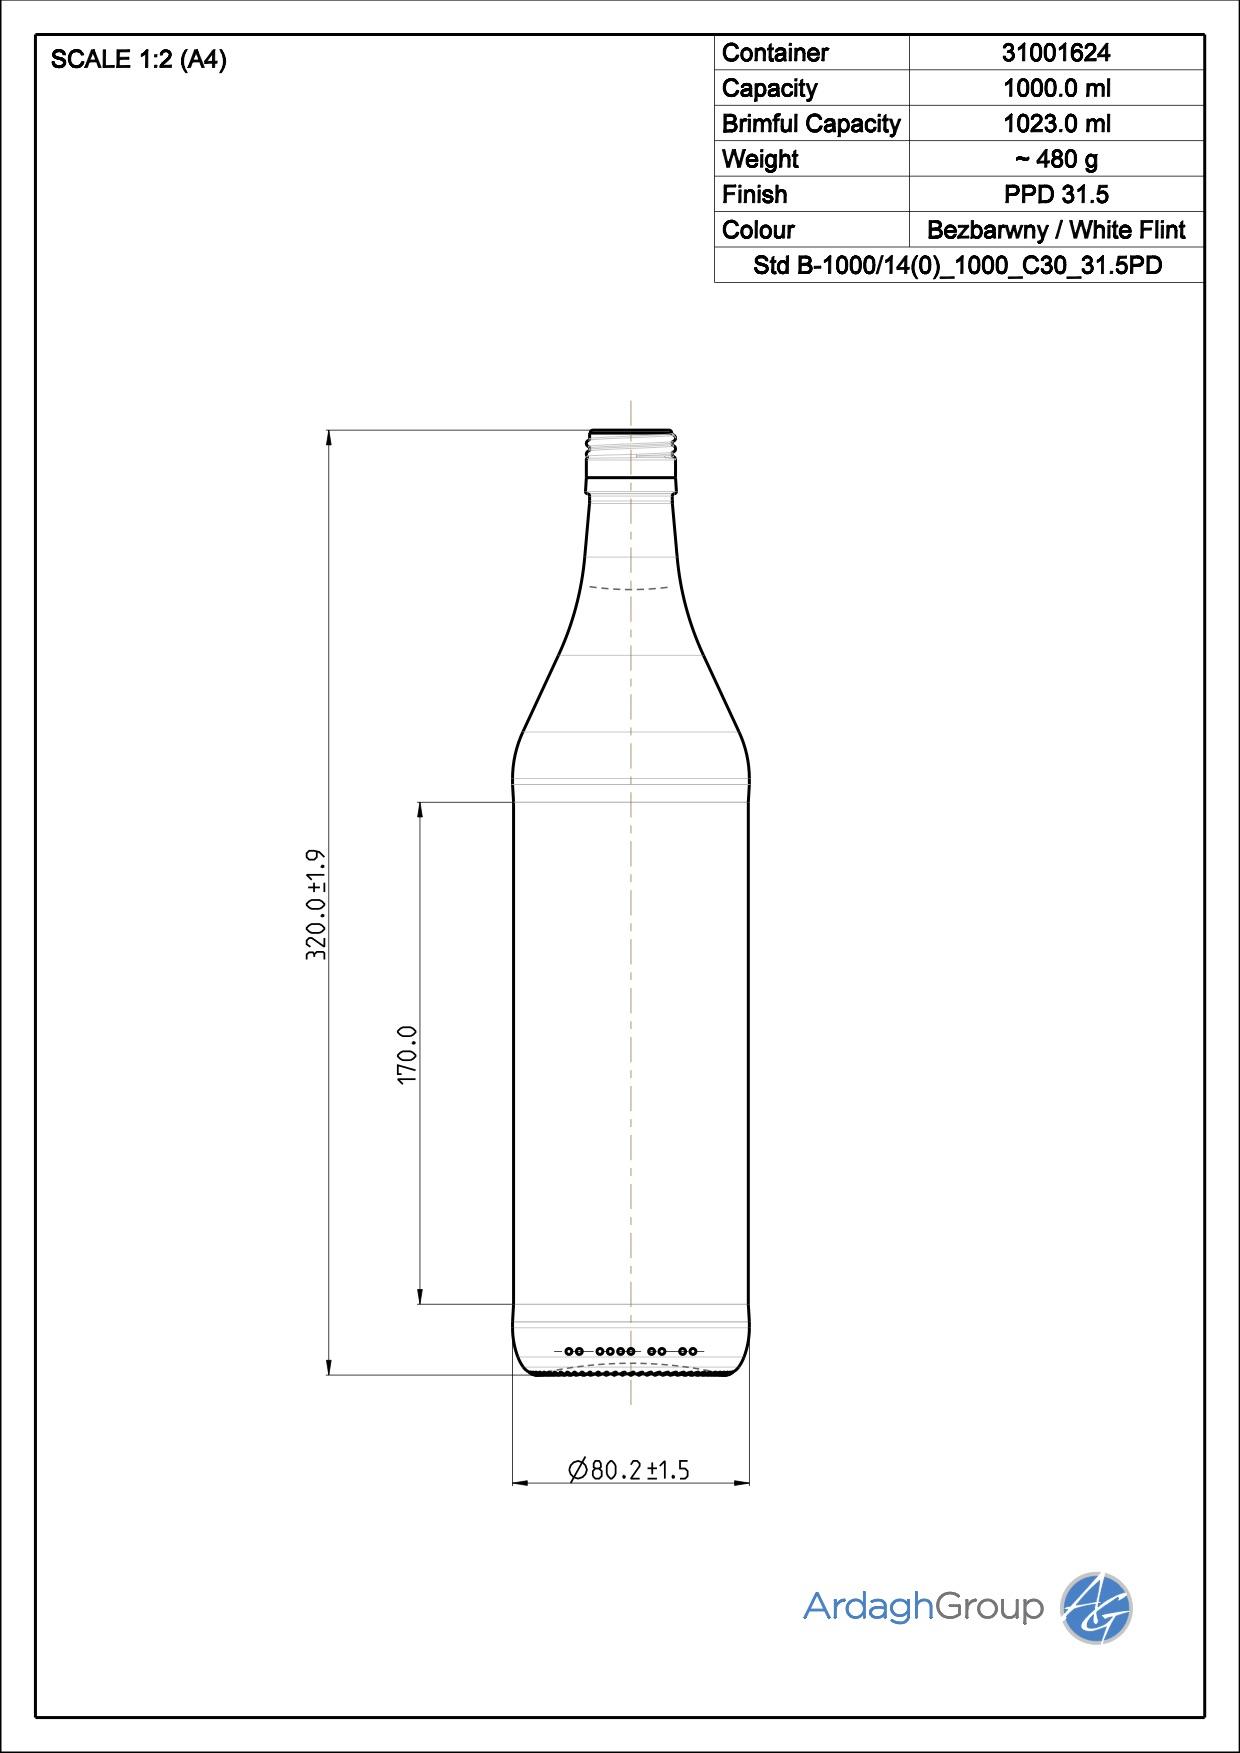 Std B-1000/14(0)